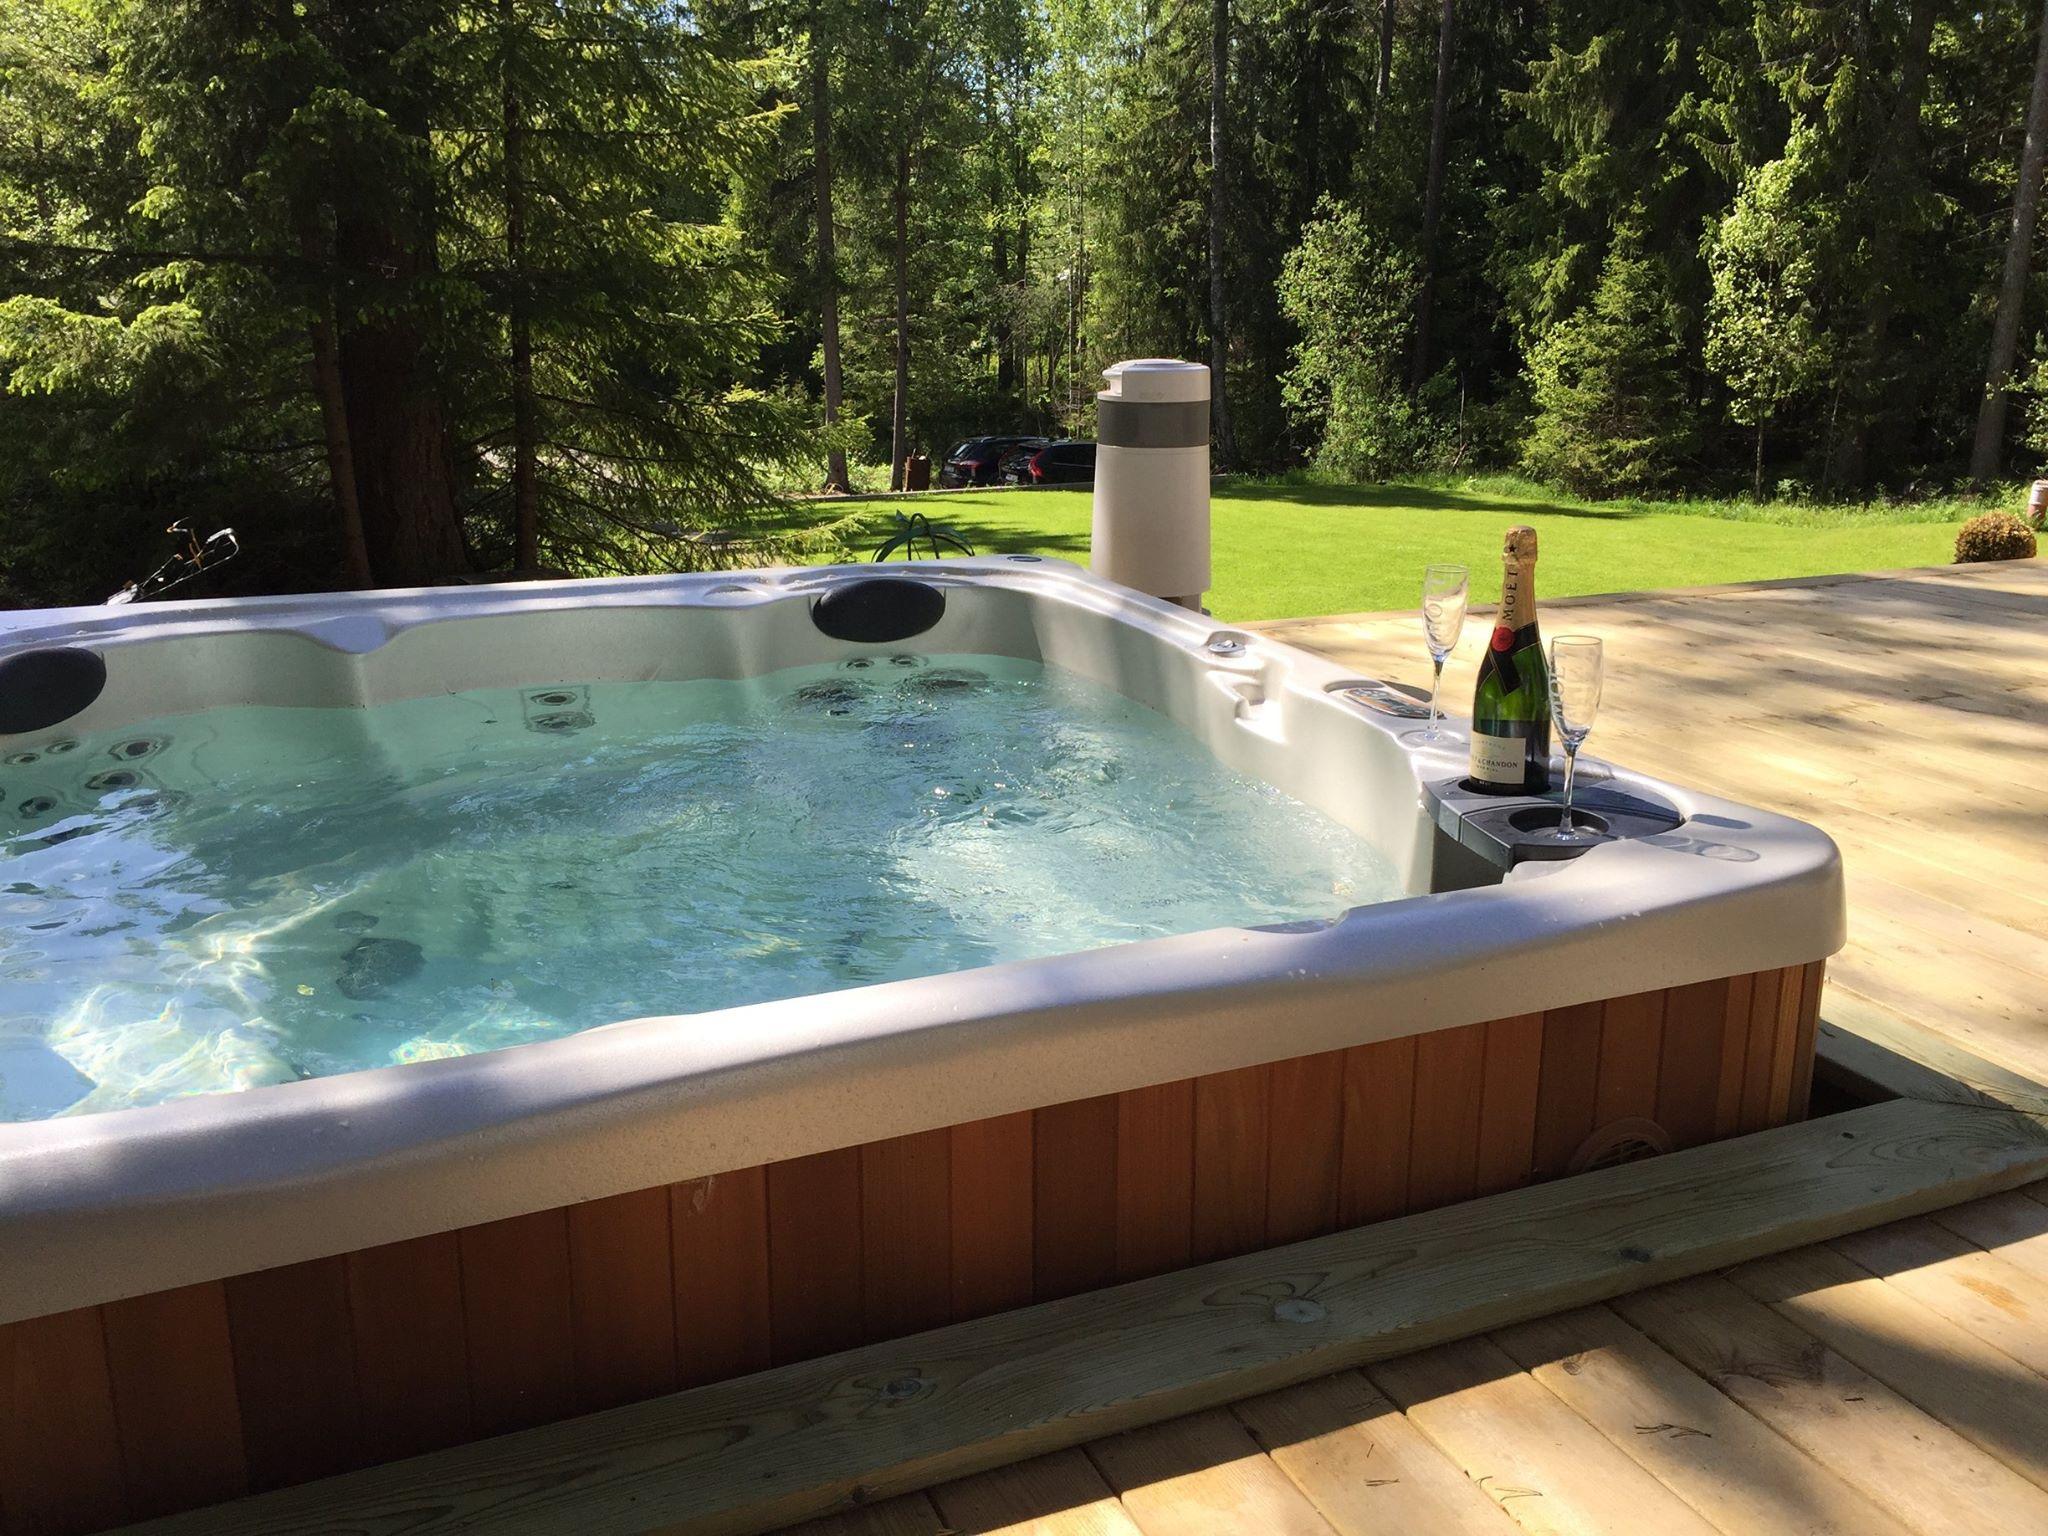 Hydropool Serenity 6000 Hot Tub